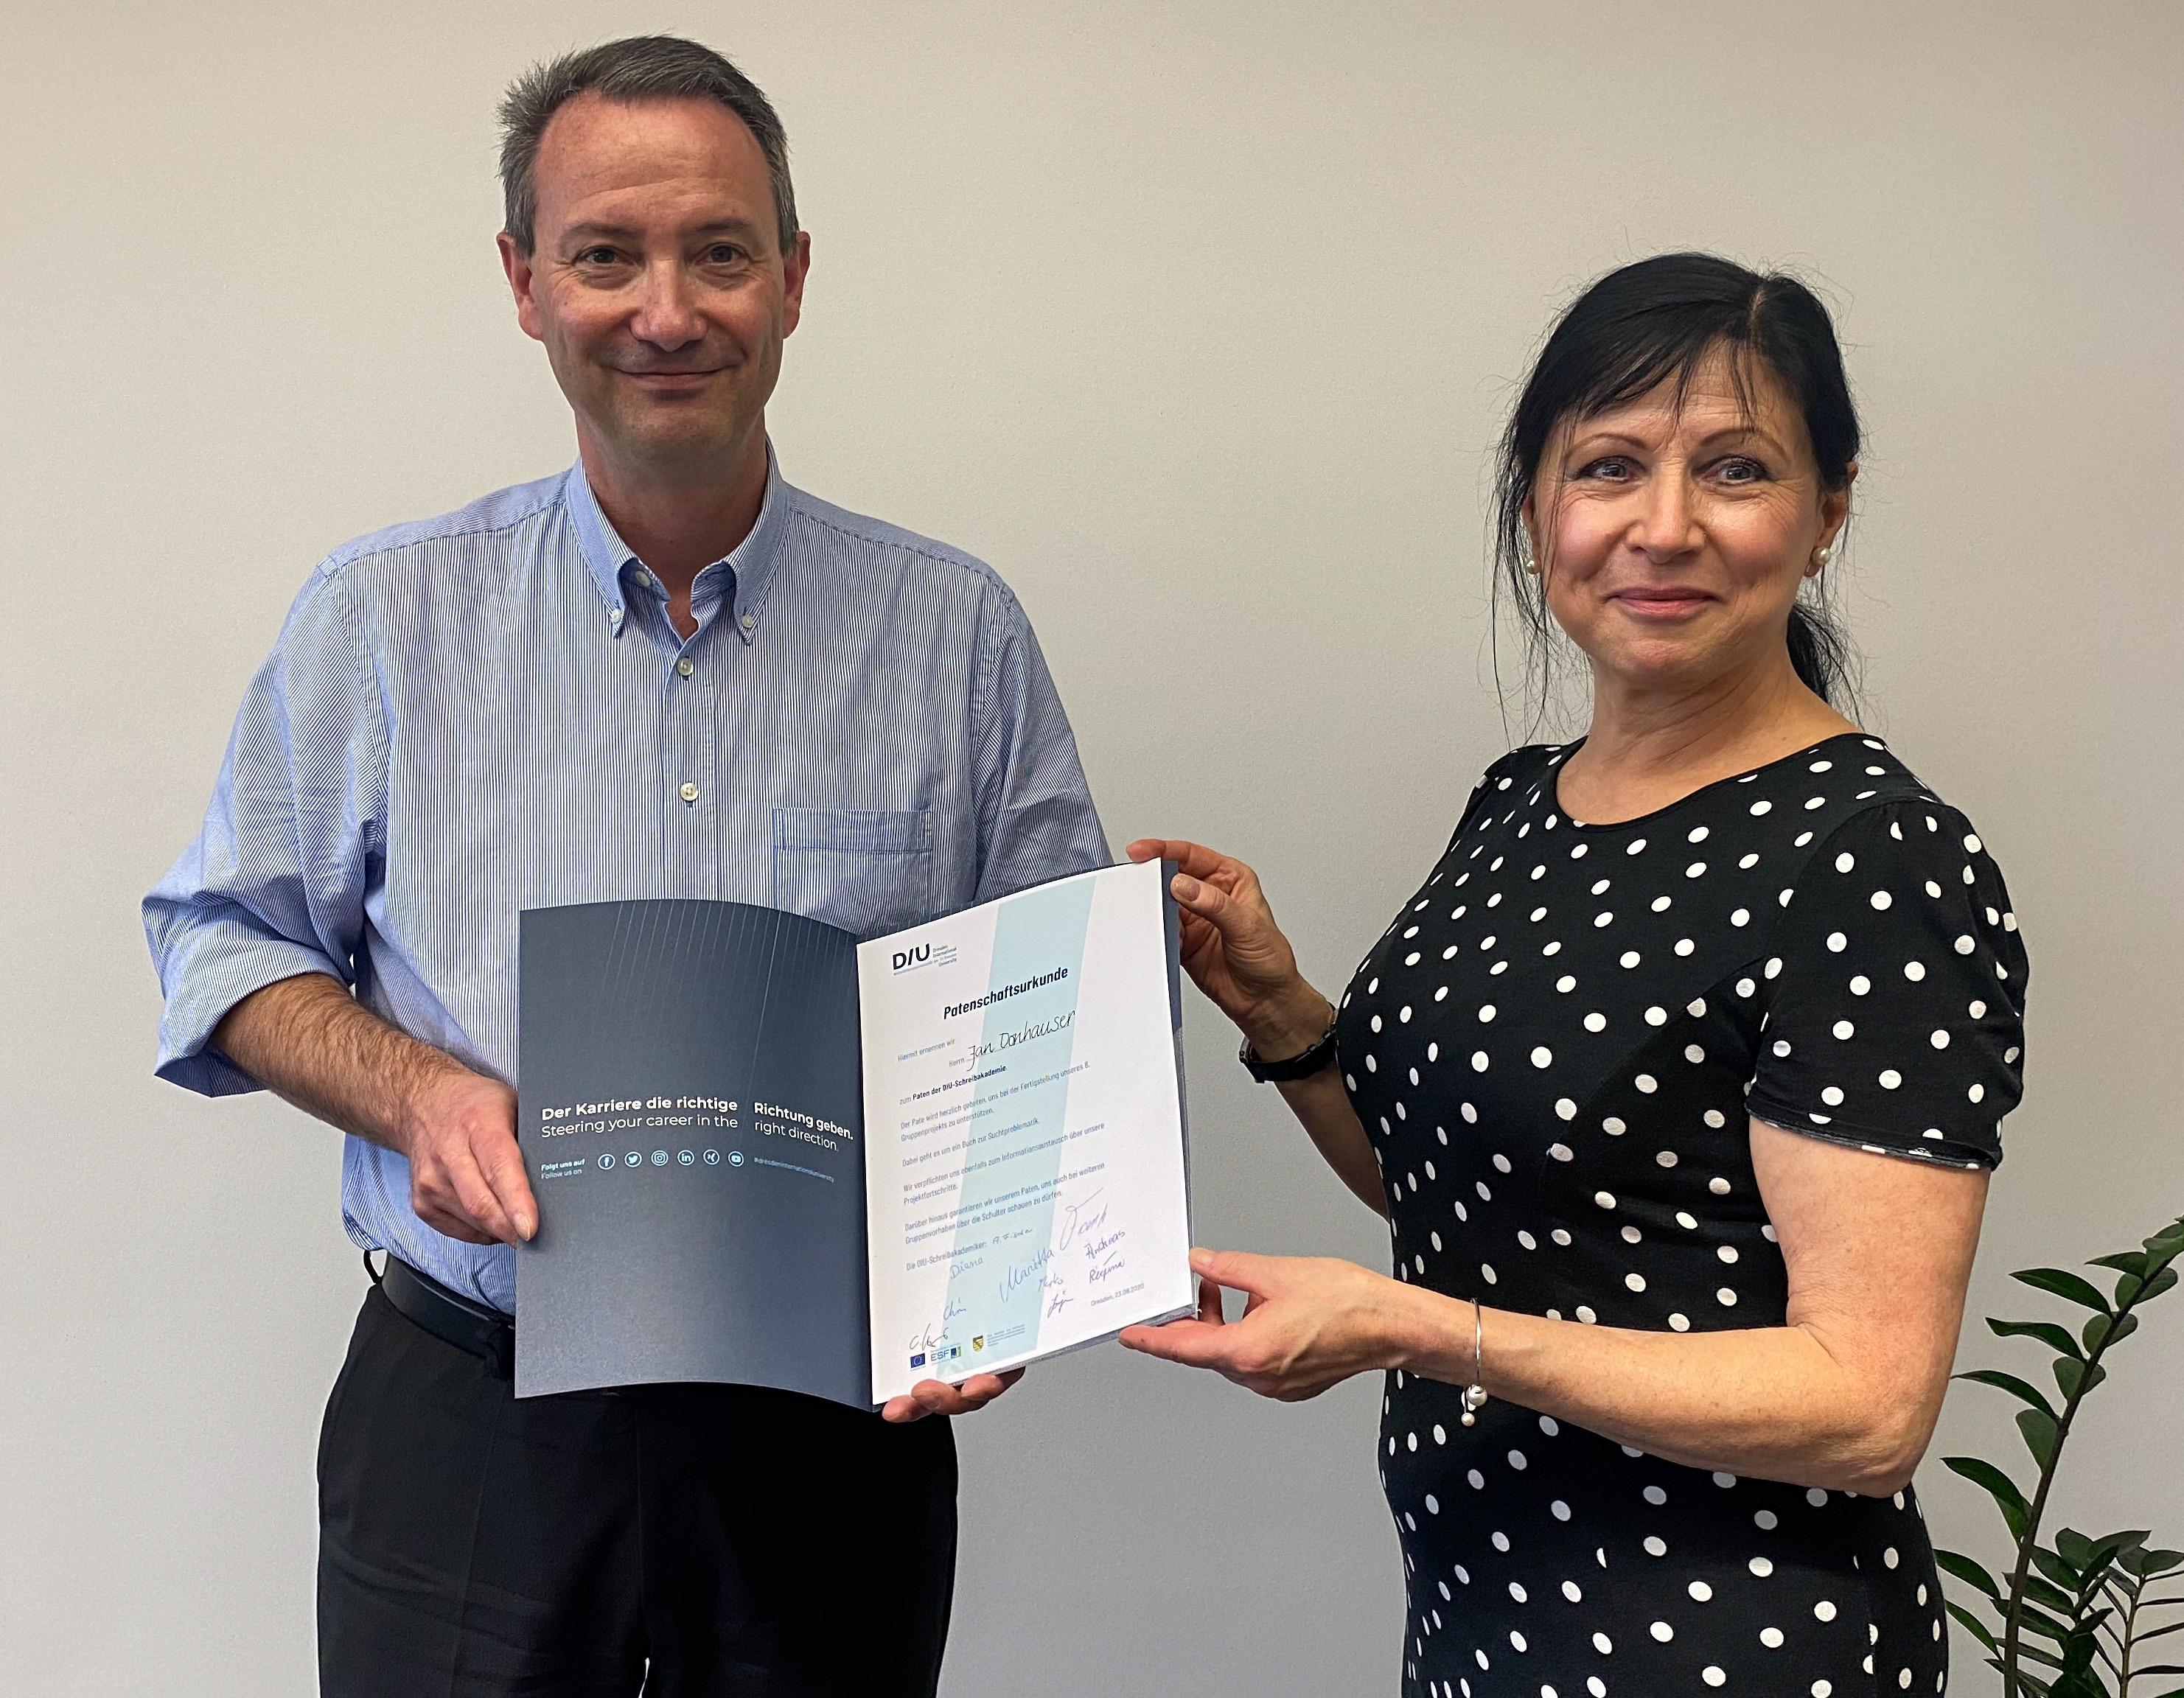 ildungsbürgermeister Jan Donhauser und Dr. Cornelia Wehner bei der Übergabe der Patenschaftsurkunde.